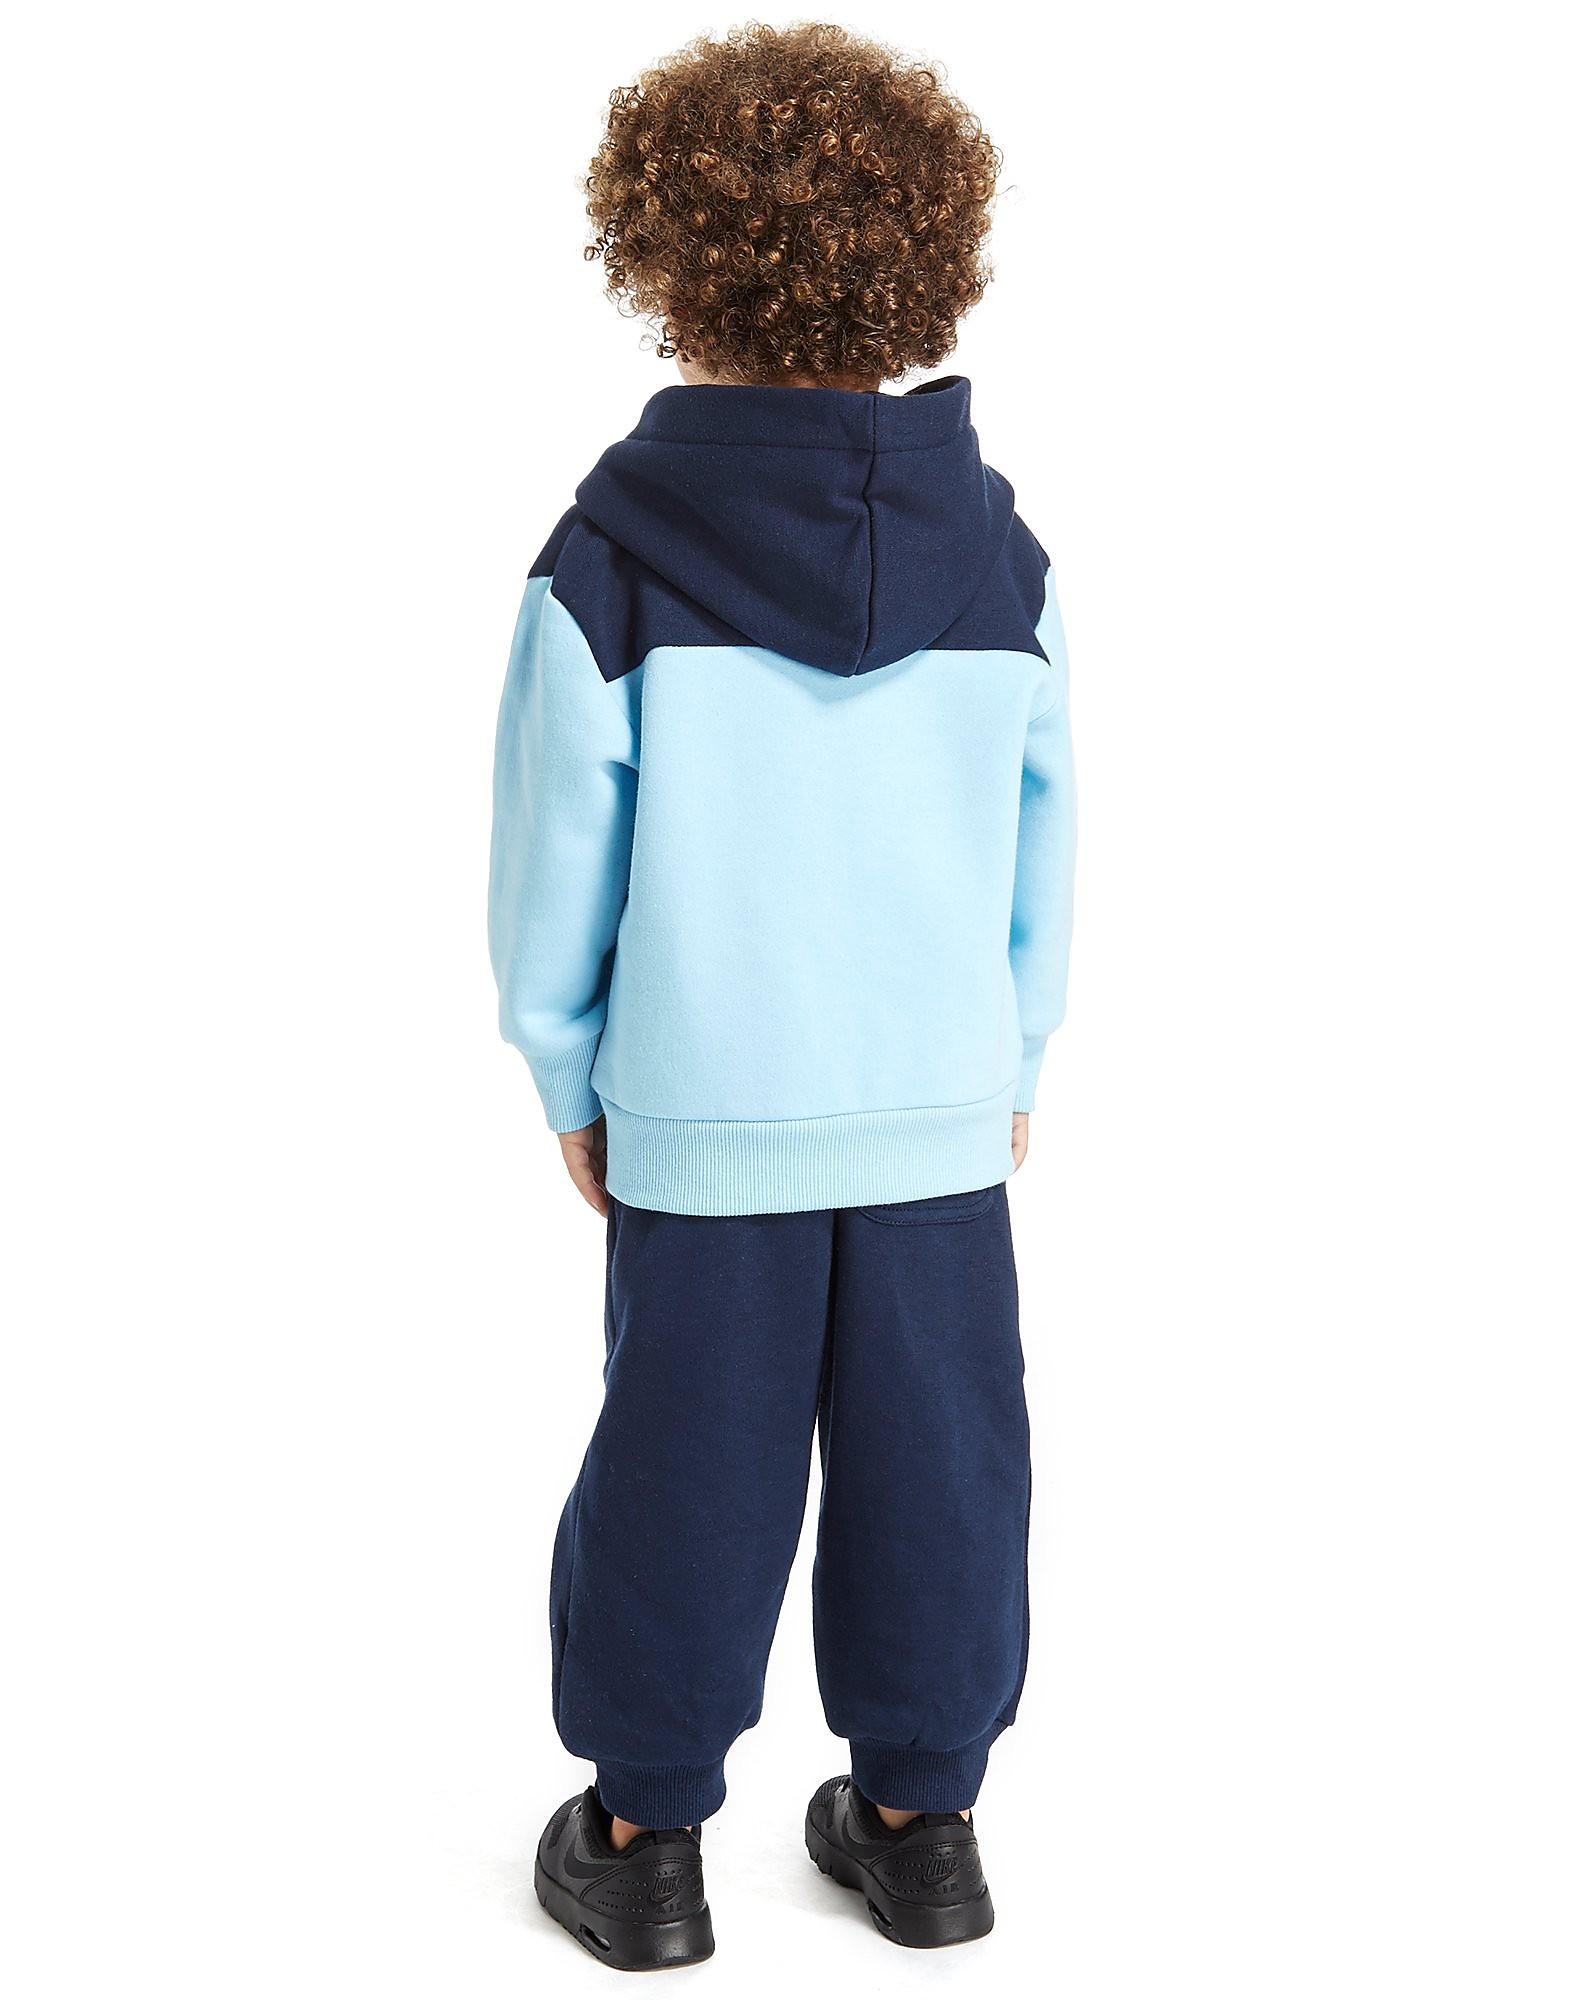 McKenzie Jessop Suit Infant